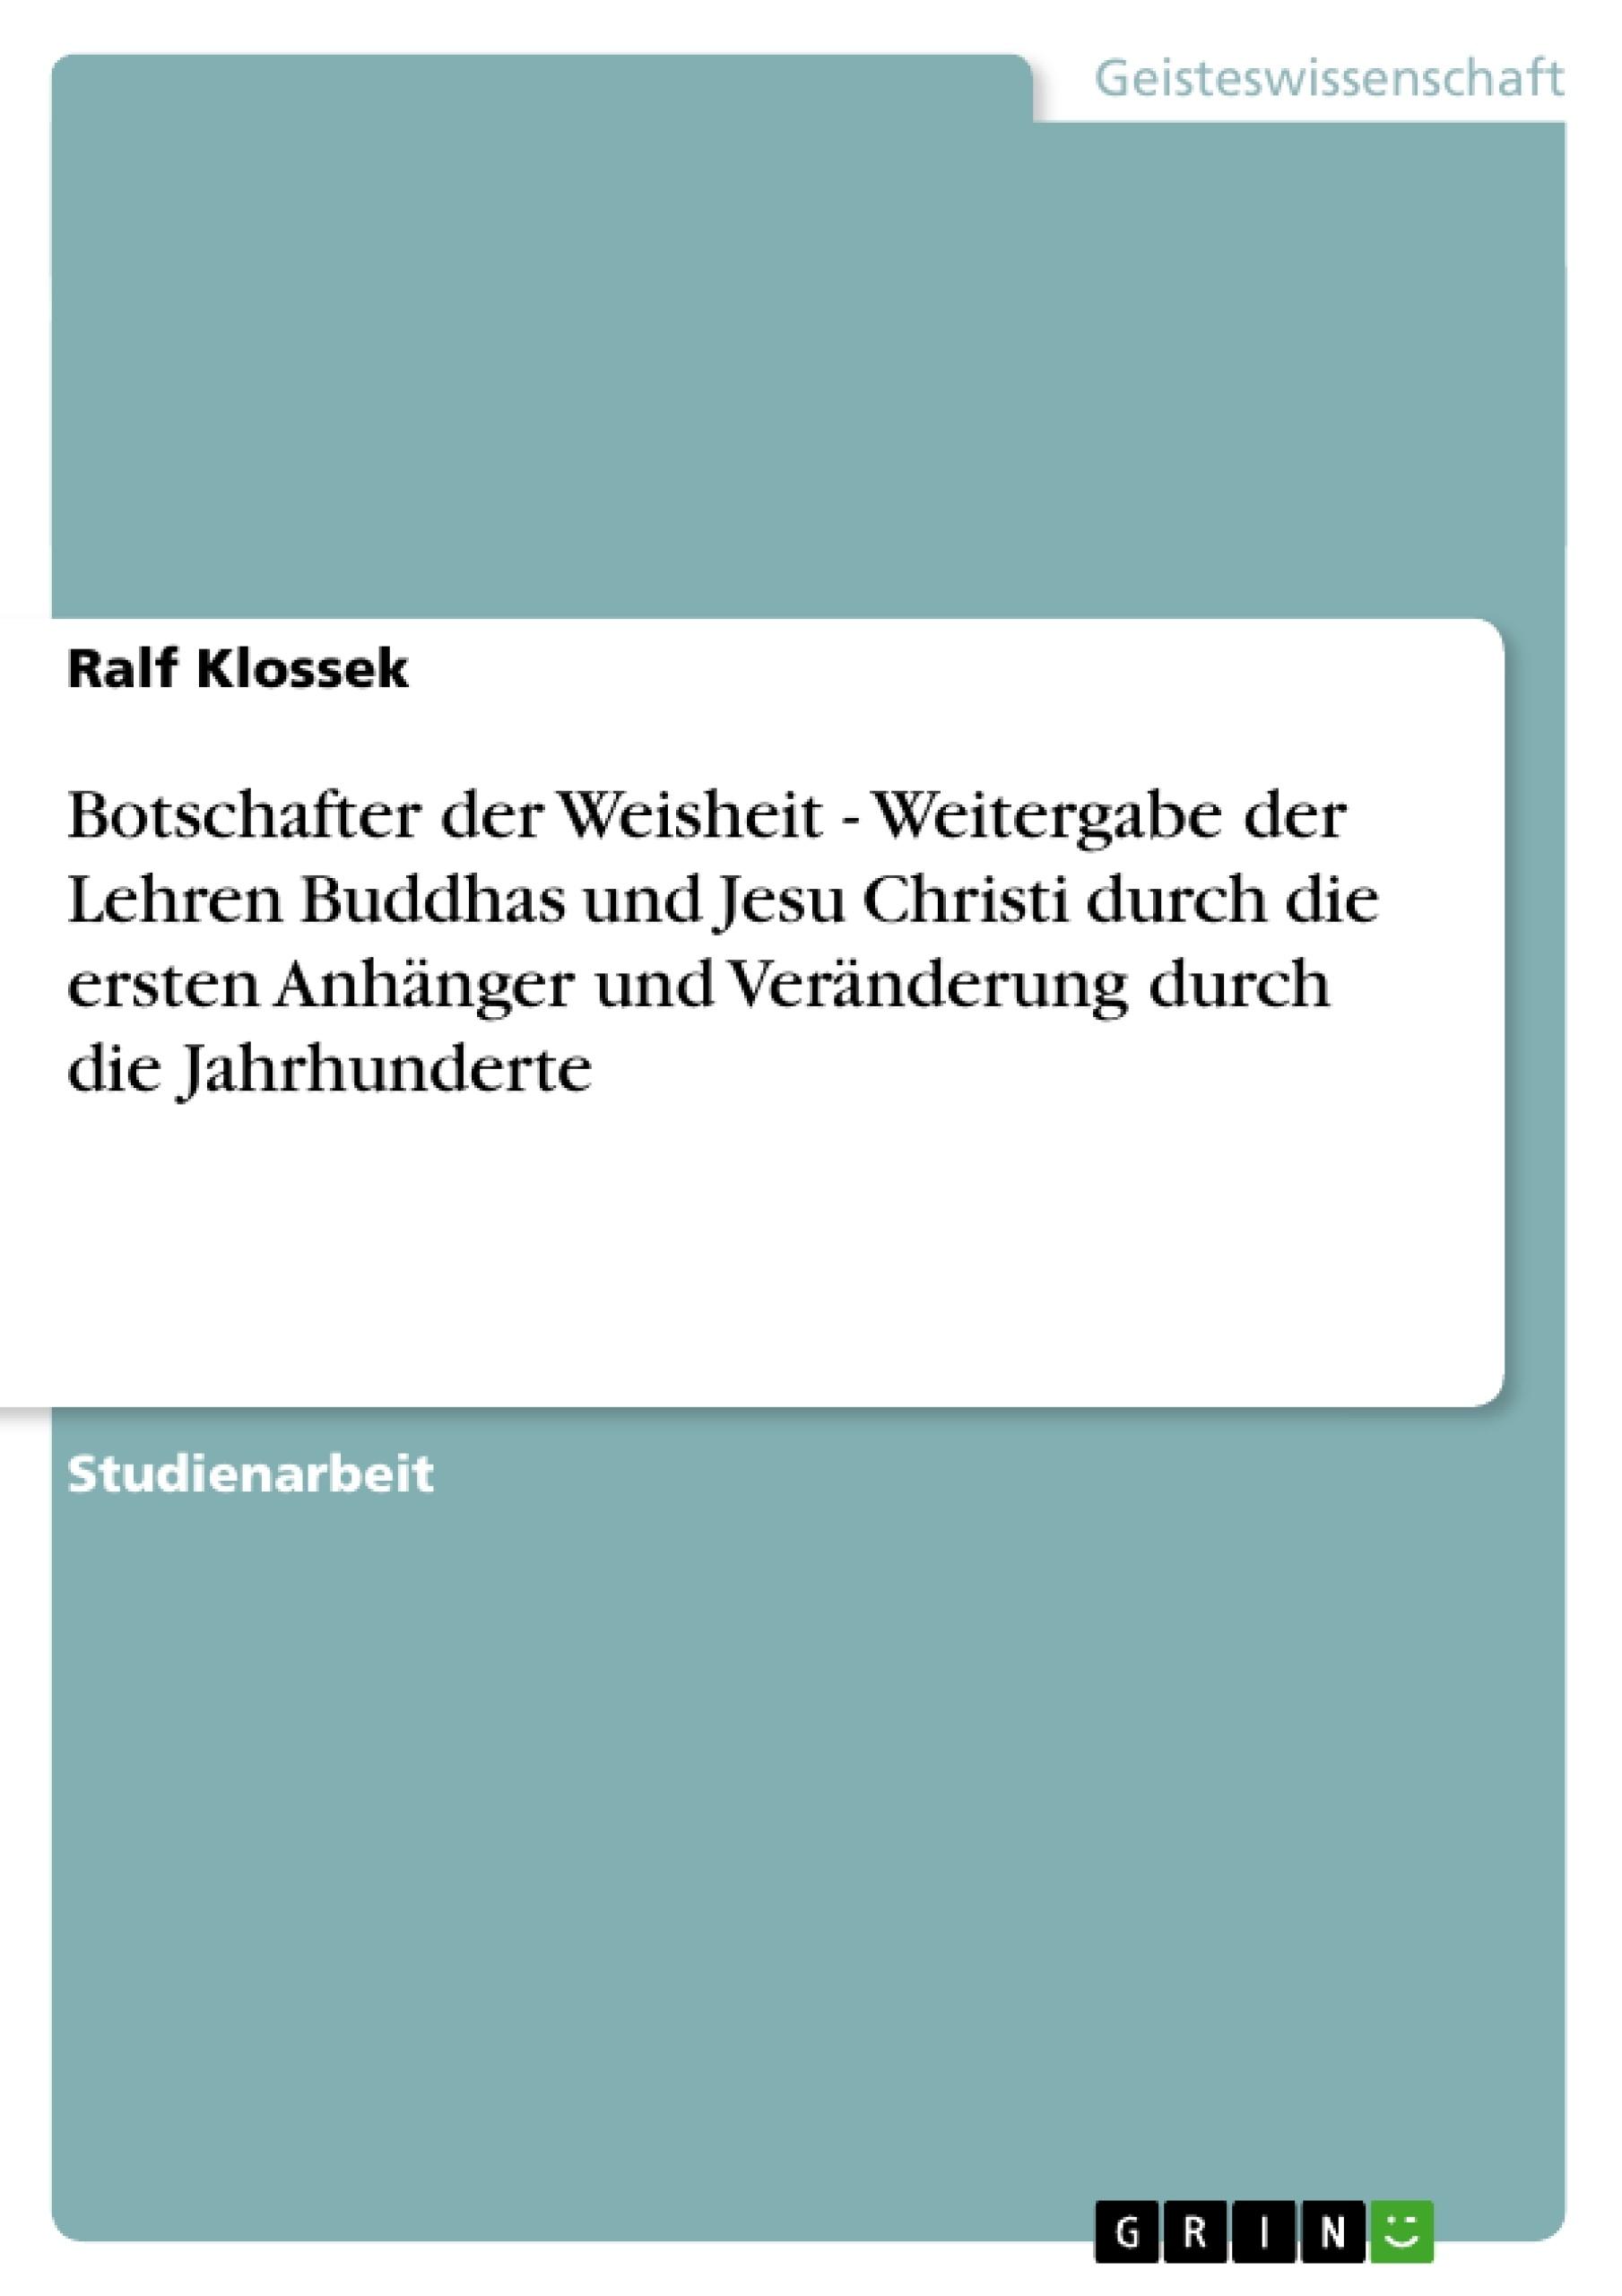 Titel: Botschafter der Weisheit - Weitergabe der Lehren Buddhas und Jesu Christi durch die ersten Anhänger und Veränderung durch die Jahrhunderte